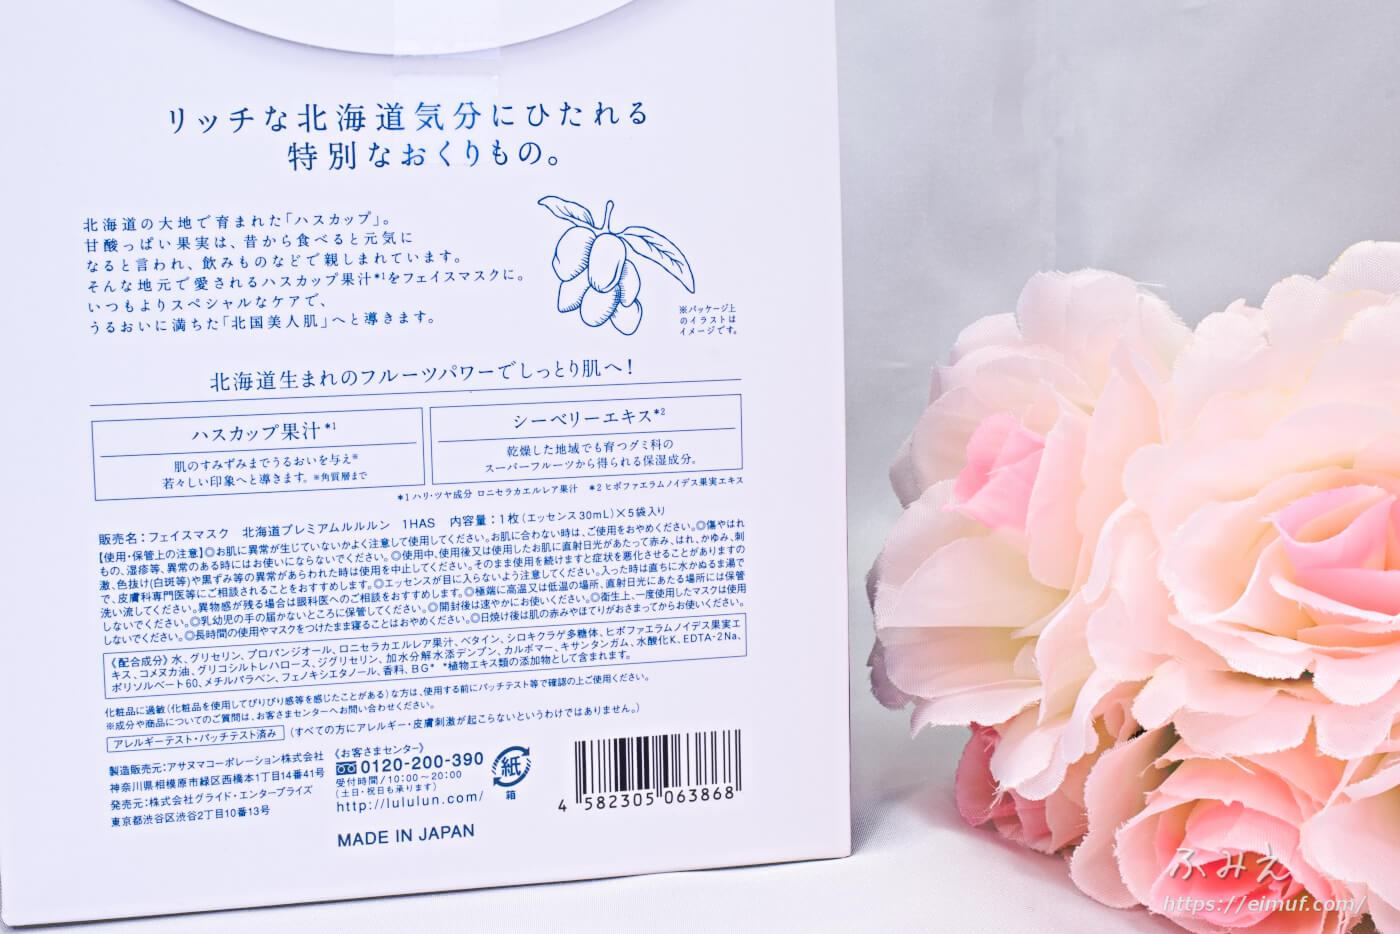 北海道のプレミアムルルルン(ライラックの香り) 大人のスペシャルケア 外箱裏面